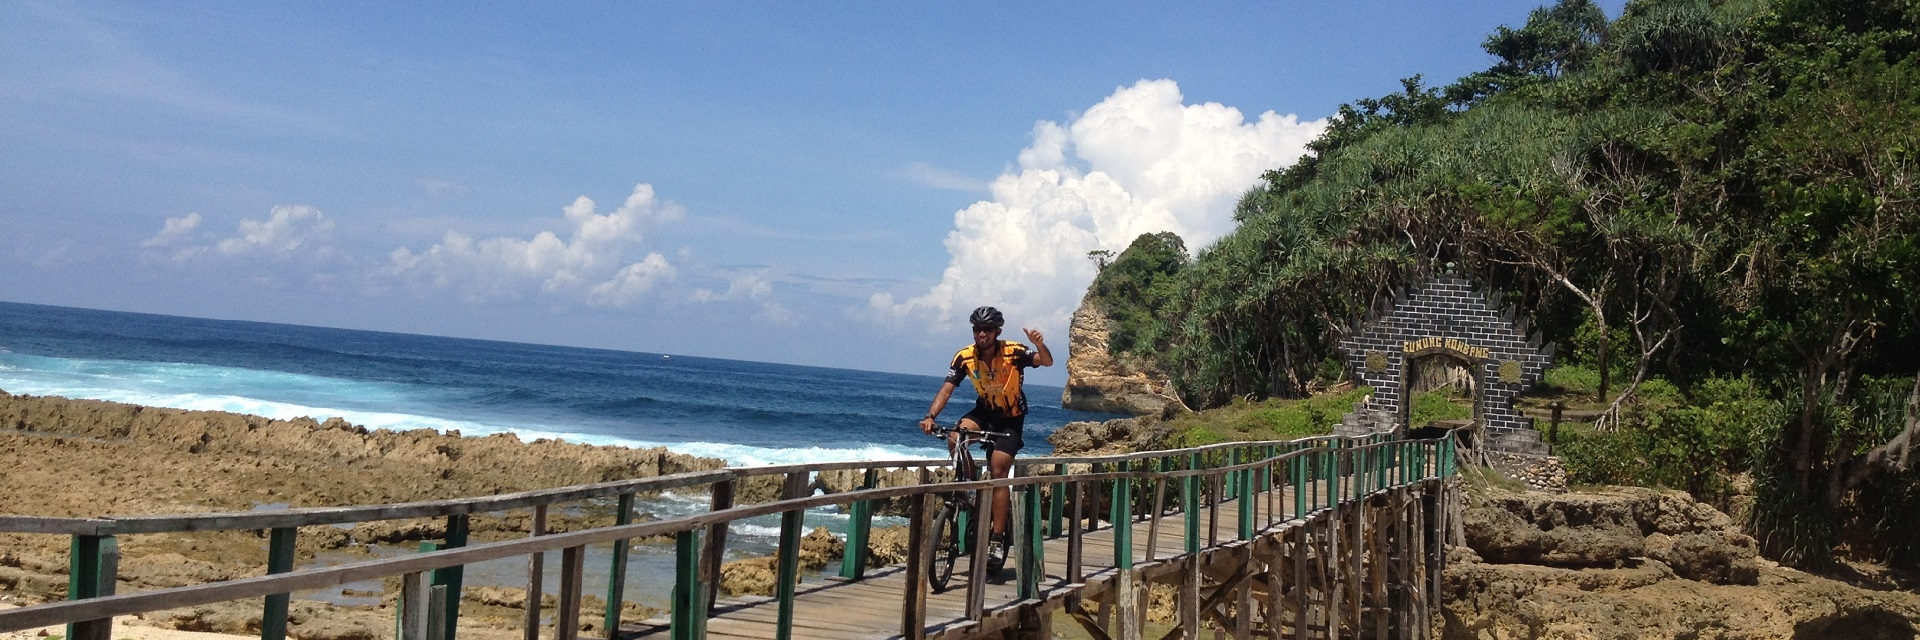 6 Pantai Dengan Akses Mudah Di Malang Selatan